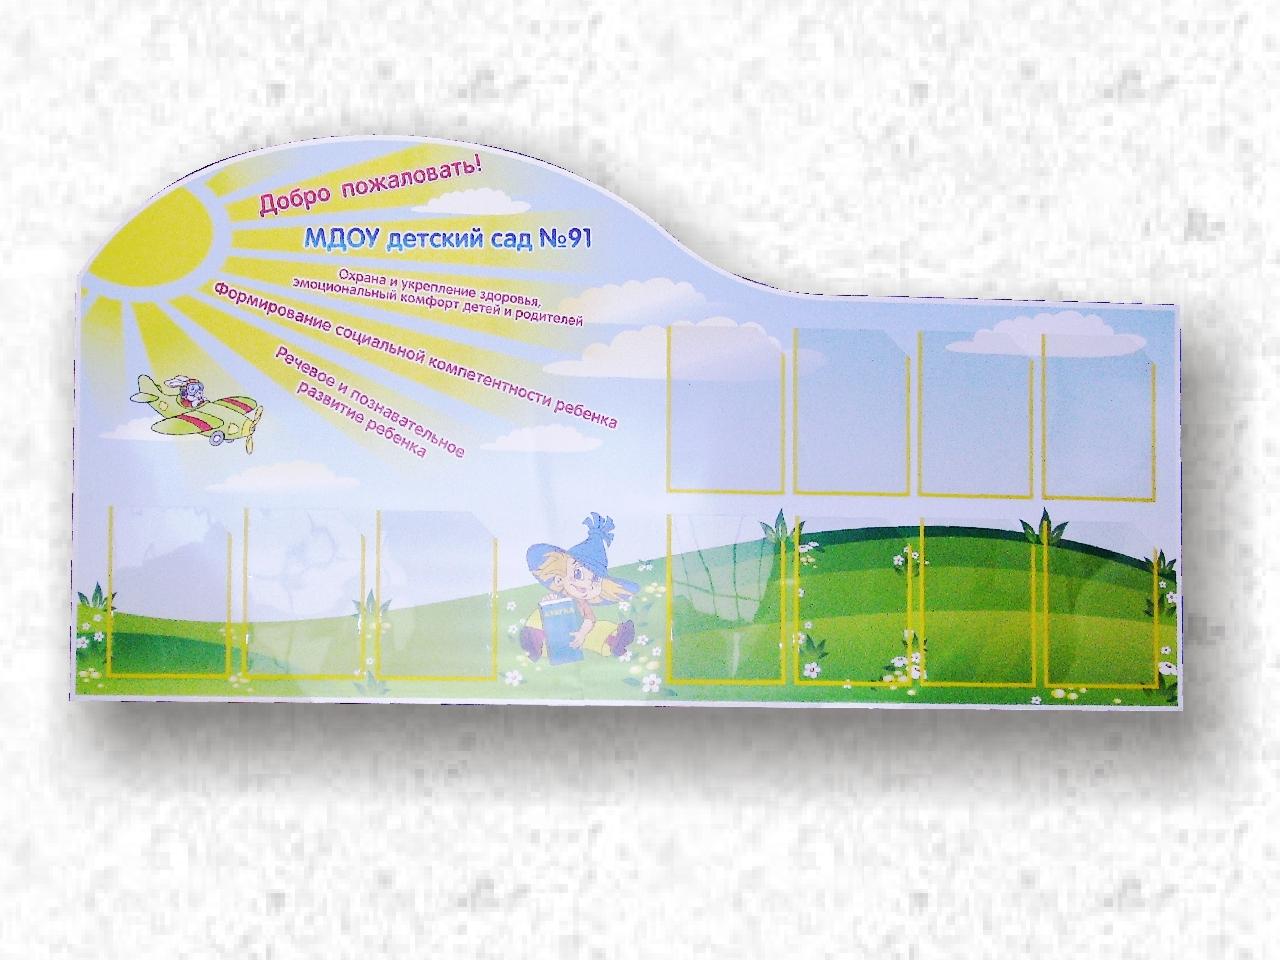 Доска объявлений в детском саду